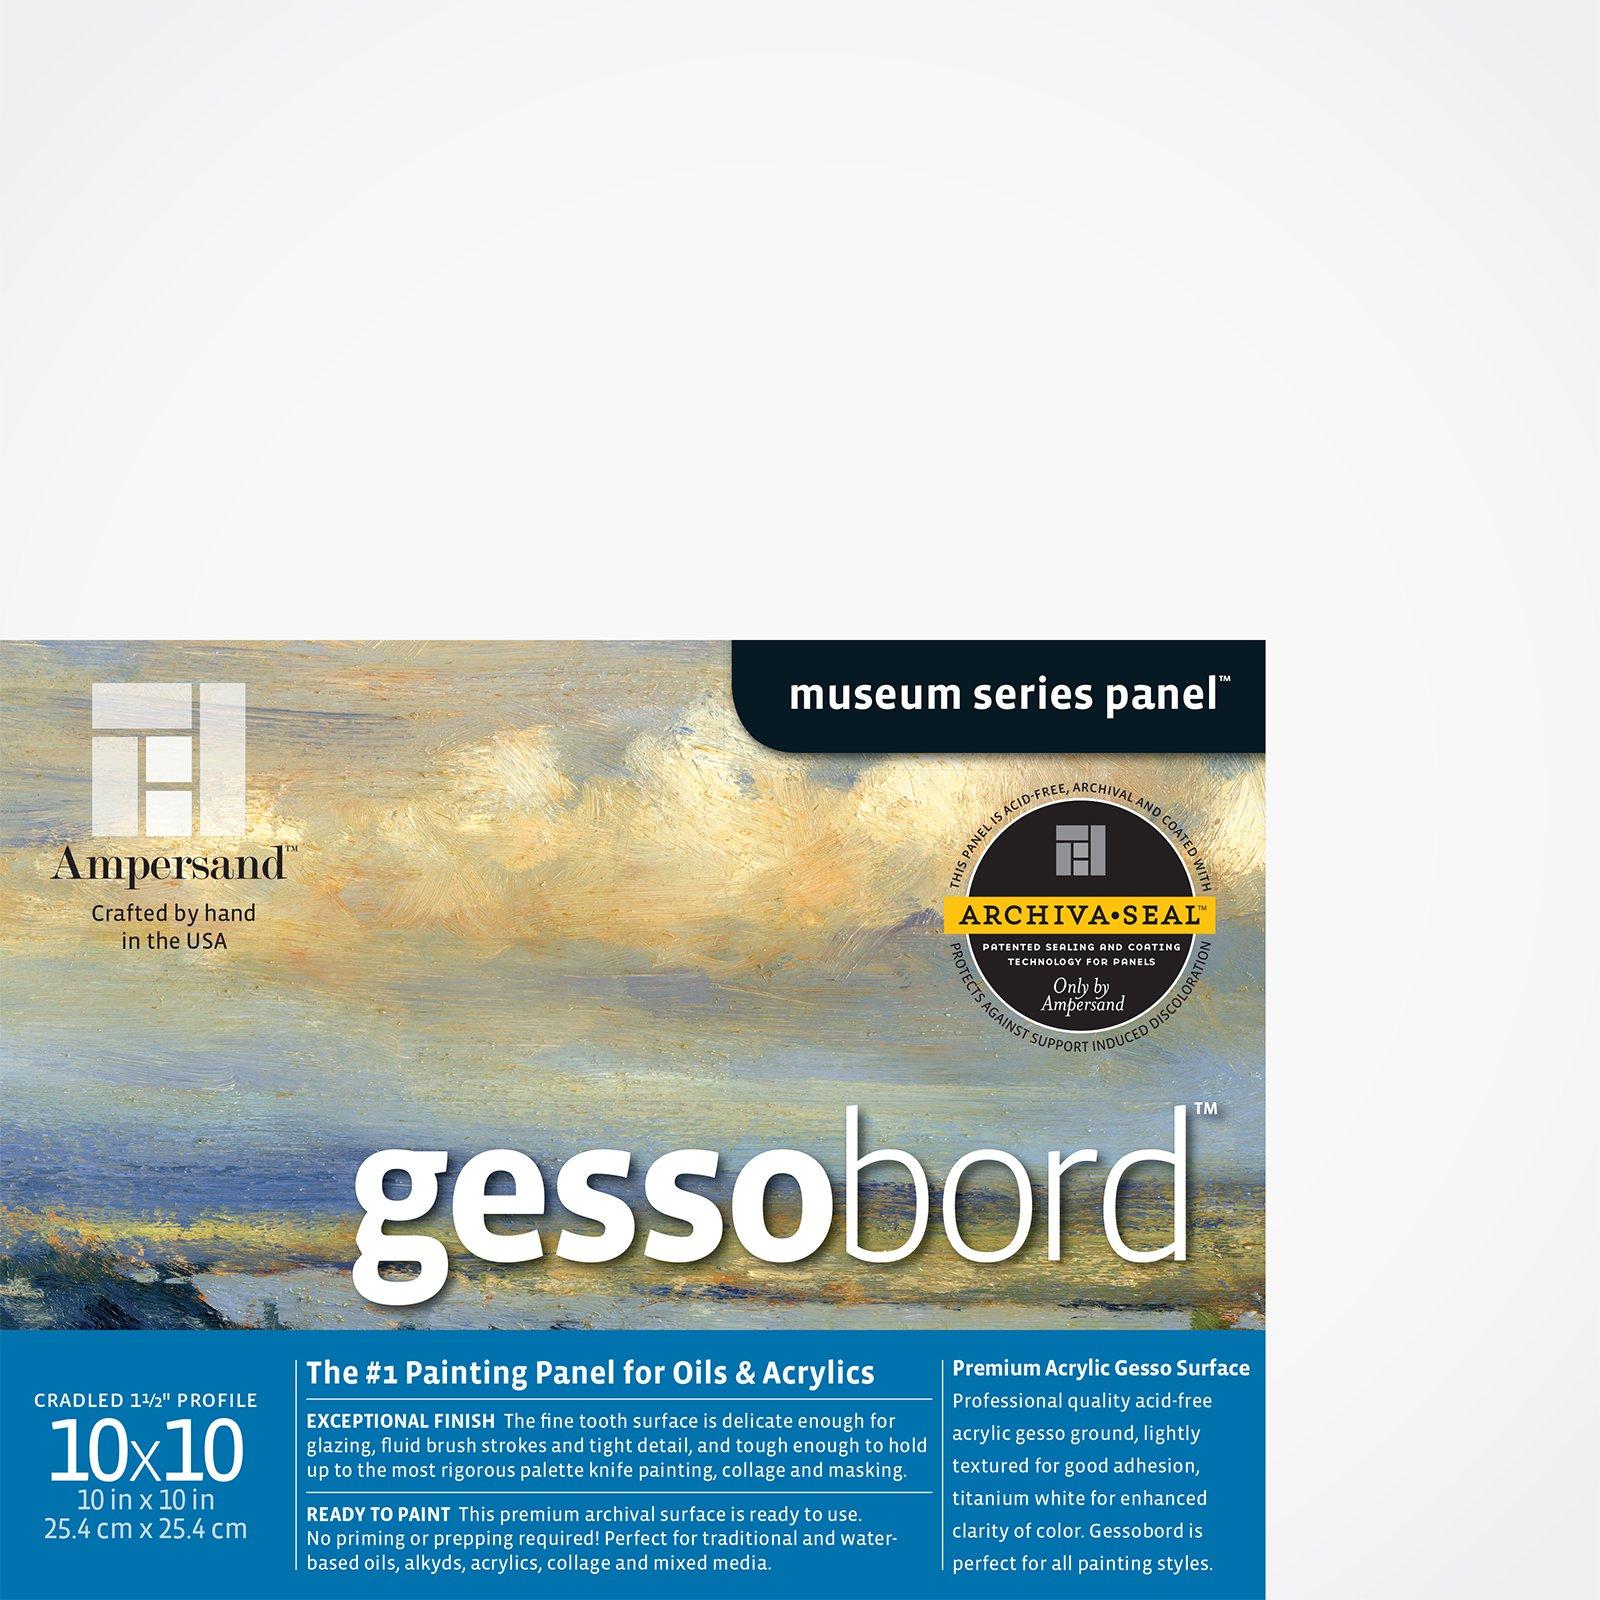 GESSOBORD 3/4IN CRADLED 10X10